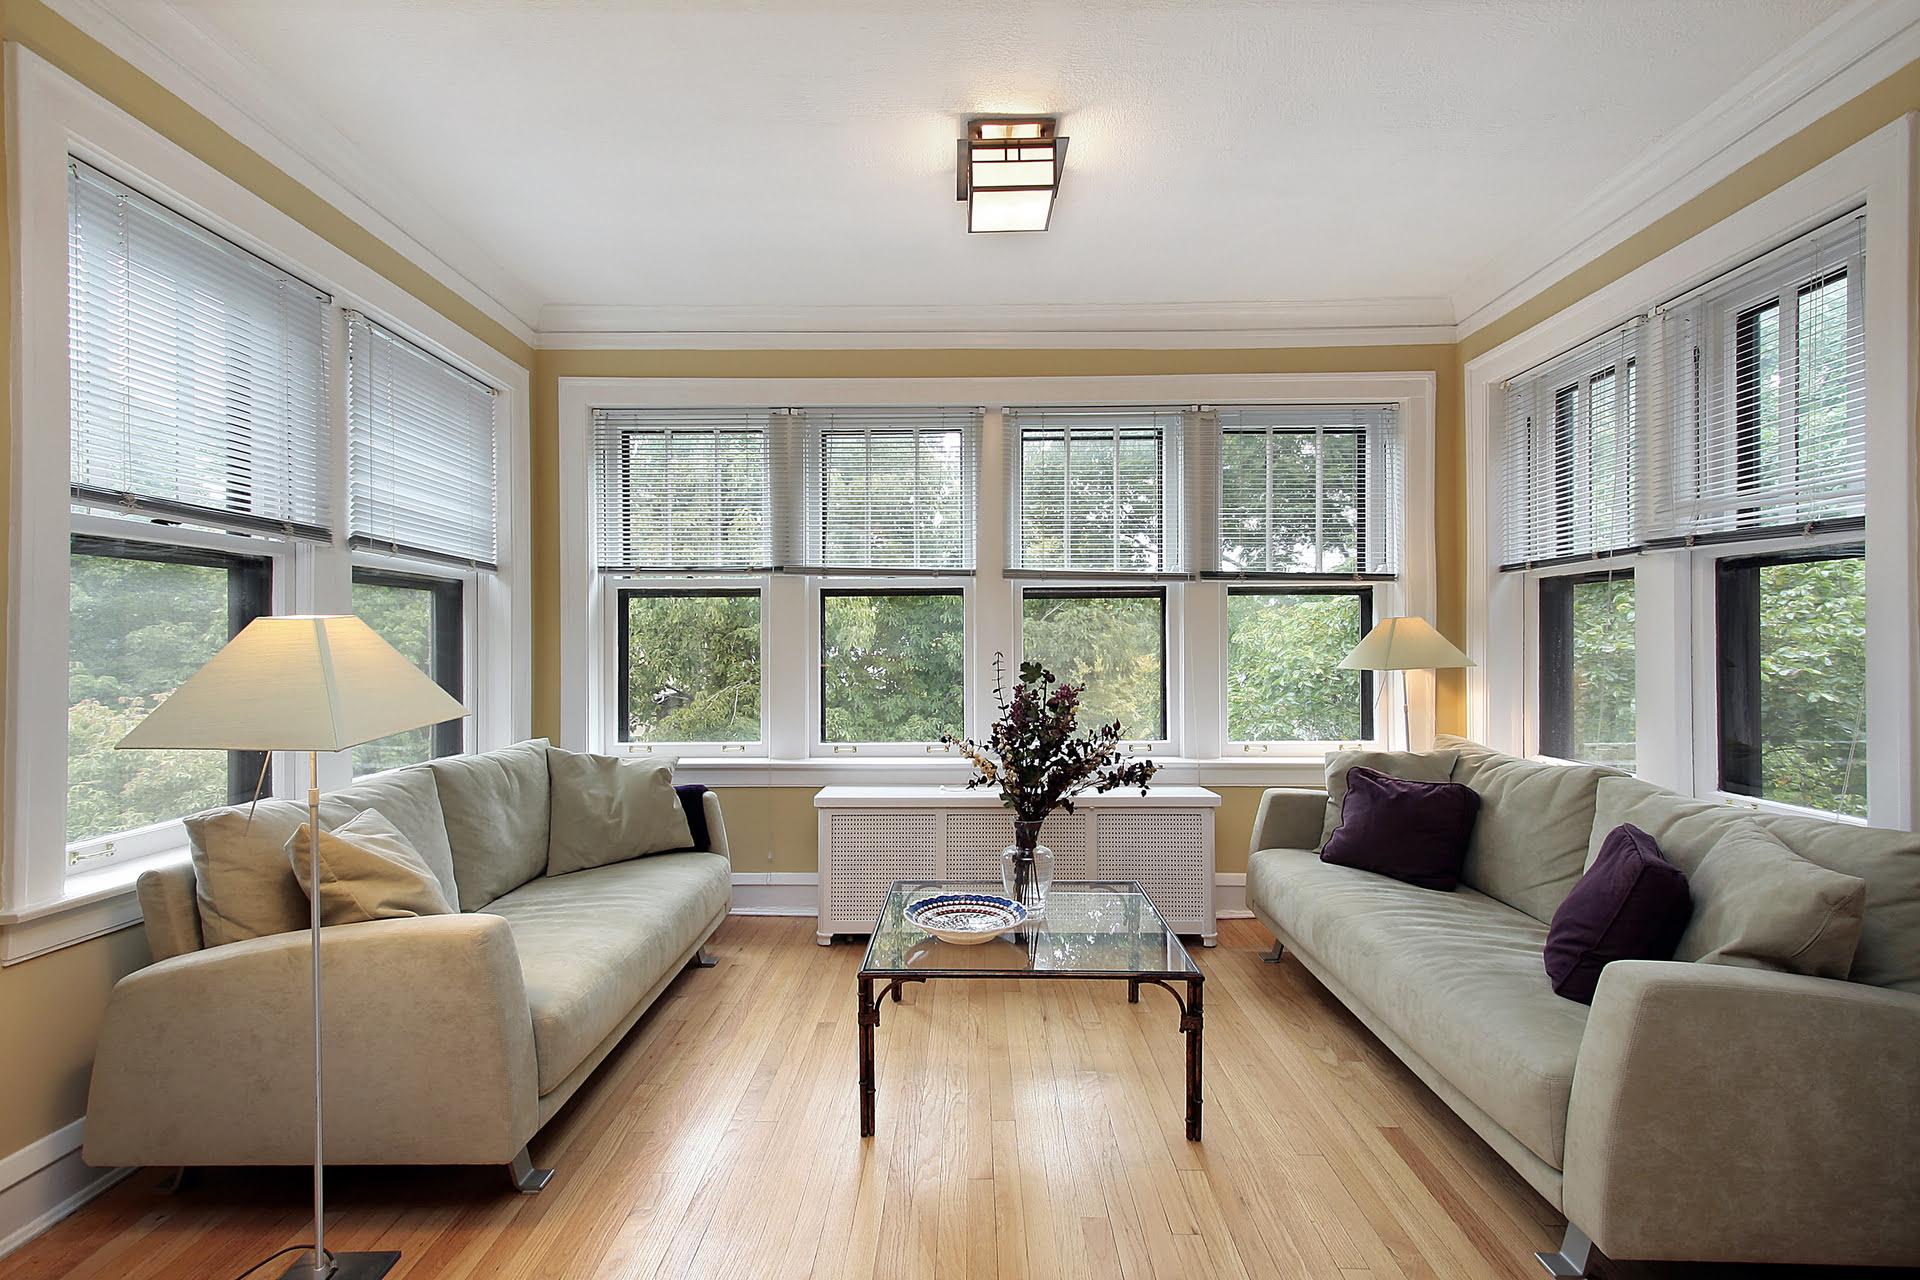 vitrages pour fenêtre pas cher, prix vitrages fenêtre